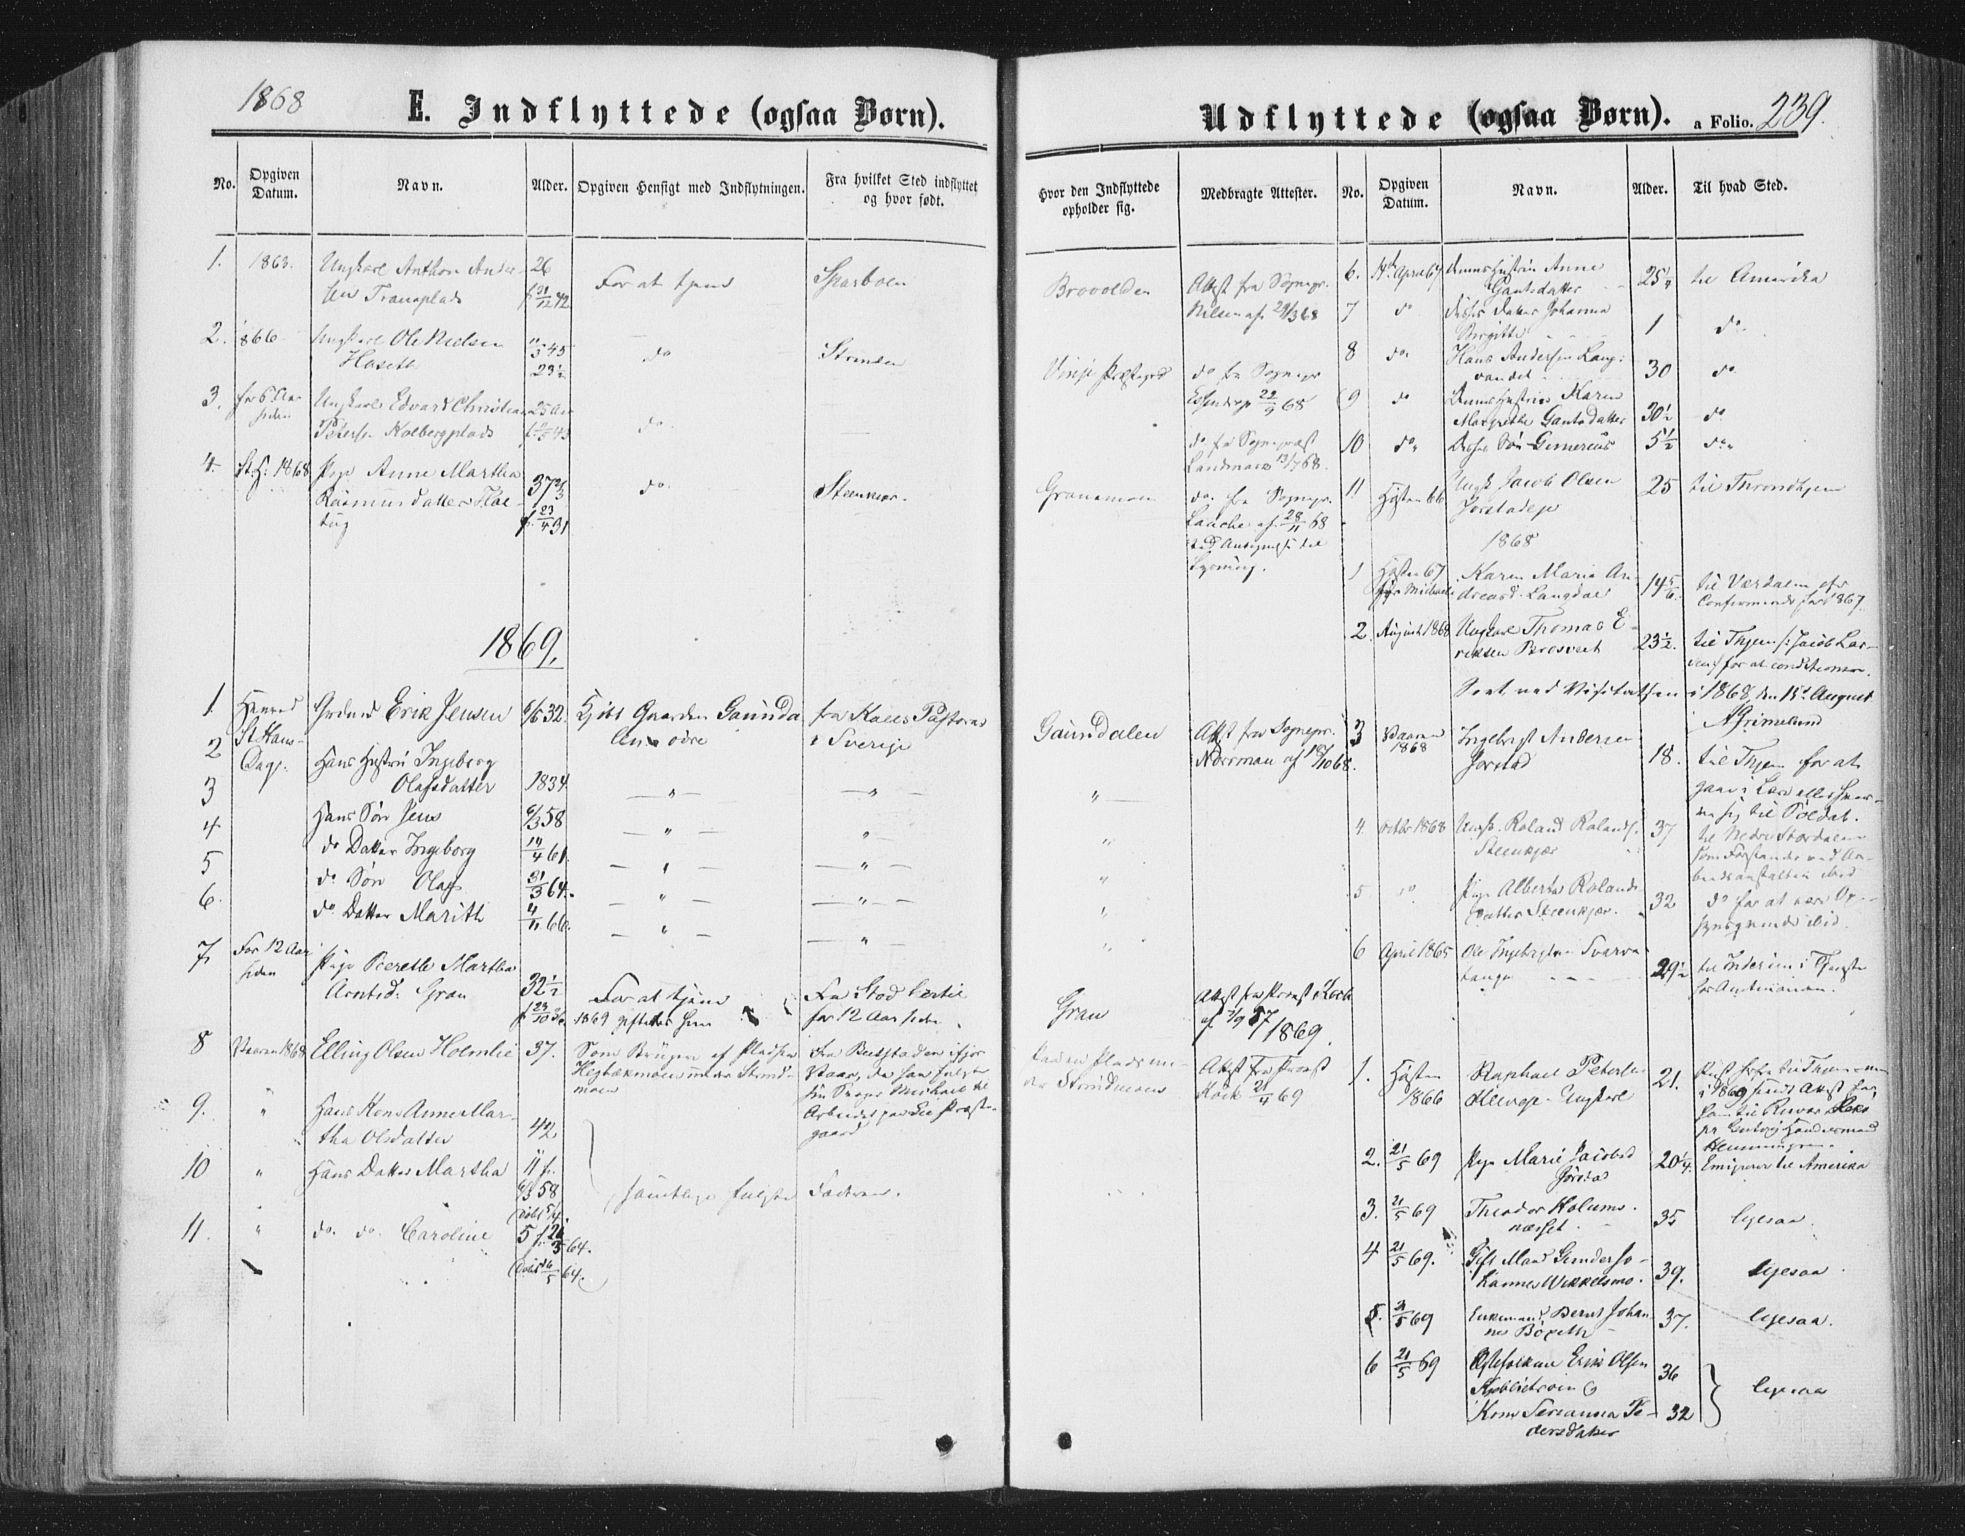 SAT, Ministerialprotokoller, klokkerbøker og fødselsregistre - Nord-Trøndelag, 749/L0472: Ministerialbok nr. 749A06, 1857-1873, s. 239